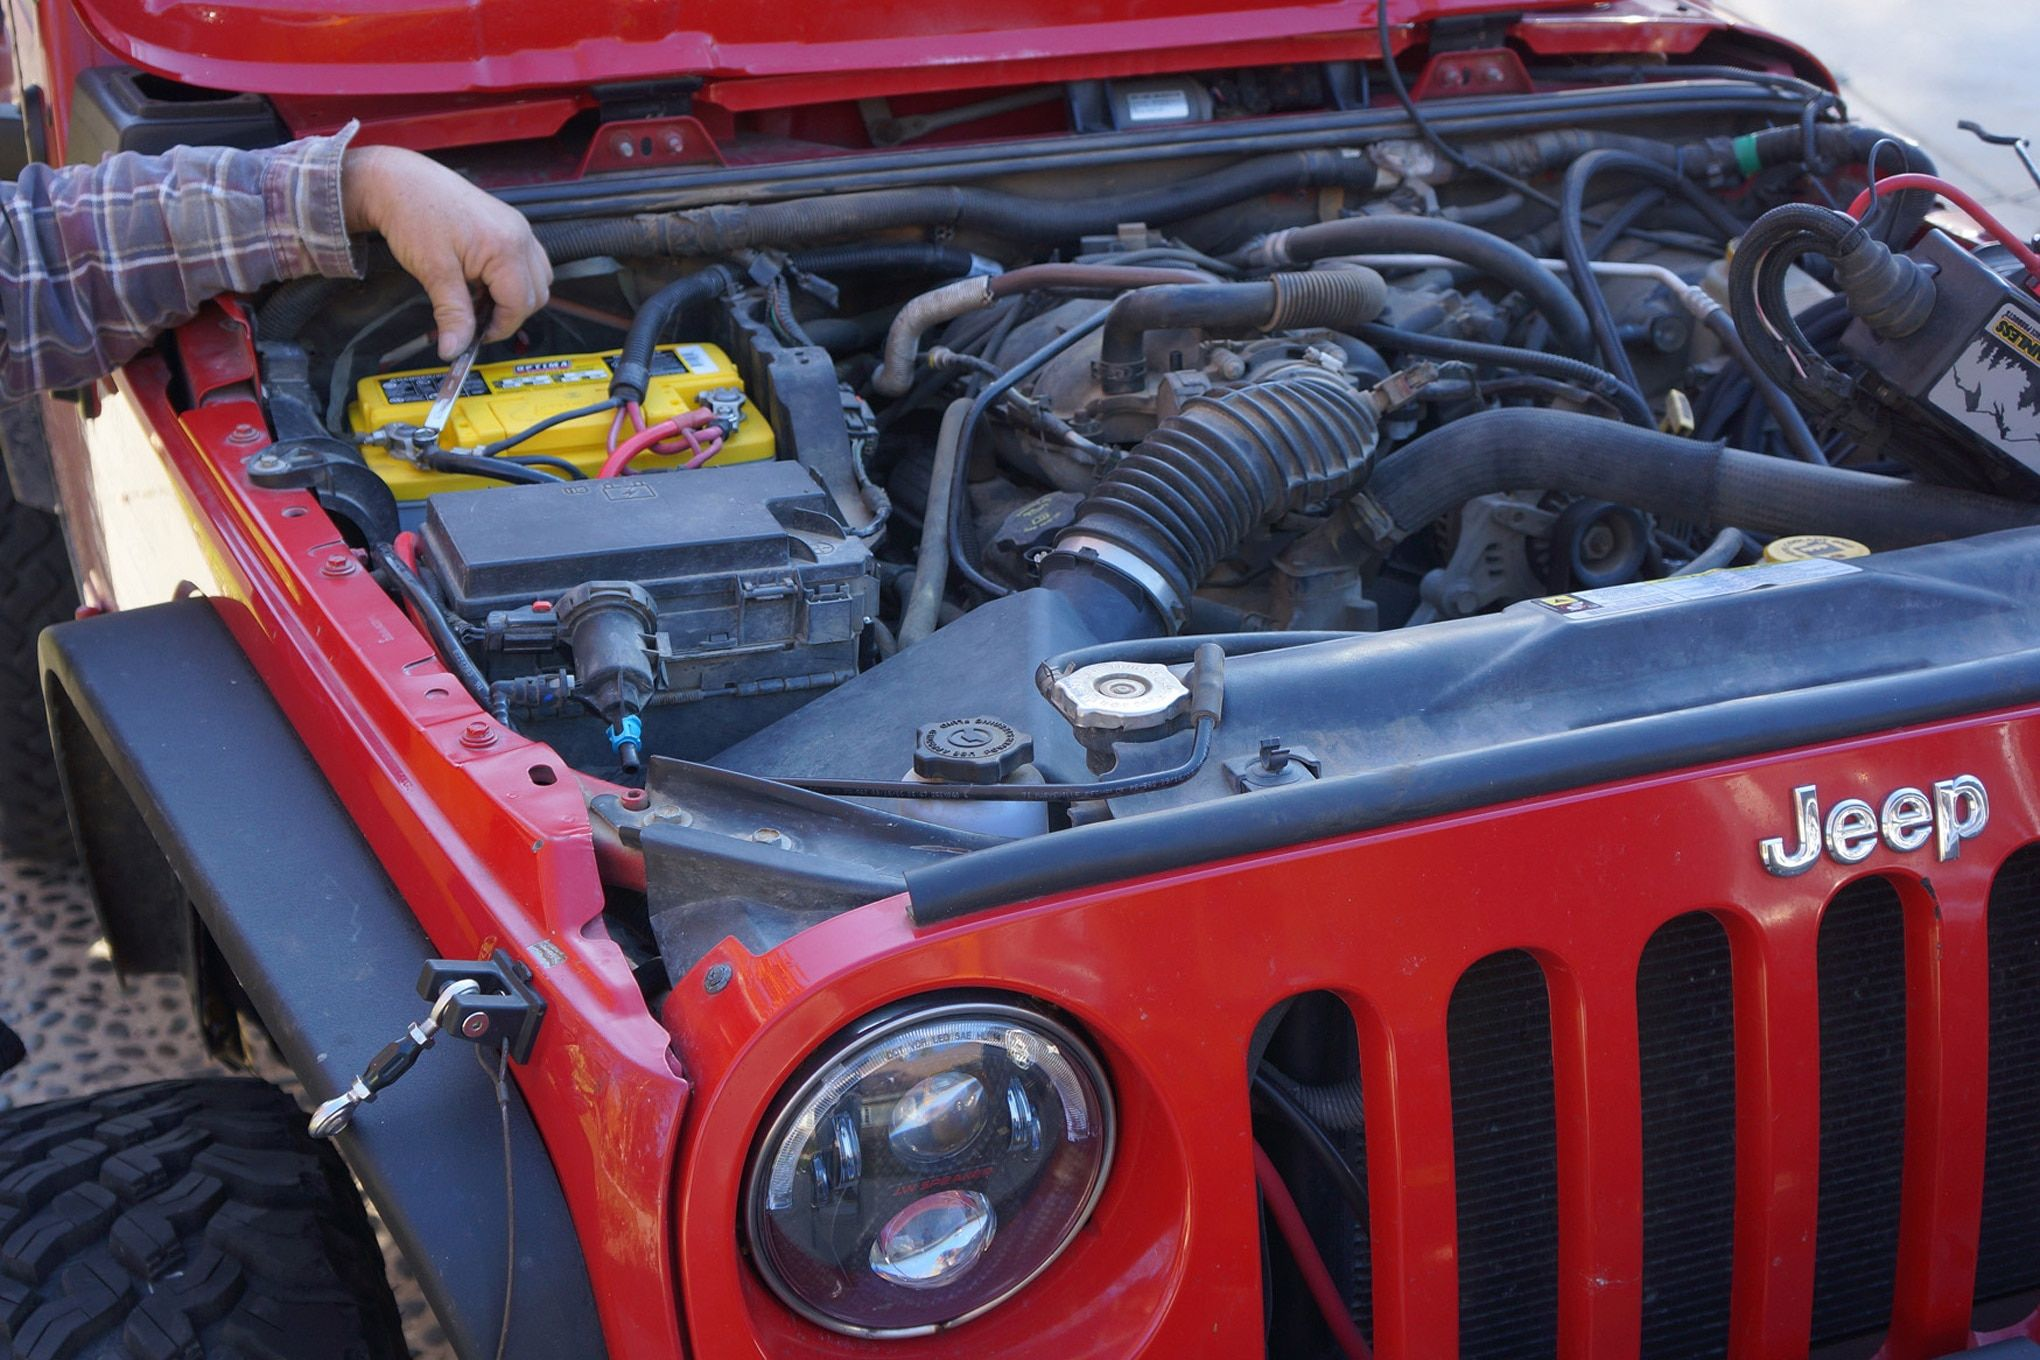 Jeep Jk Battery Jeep Jk Jeep Jeep Brand